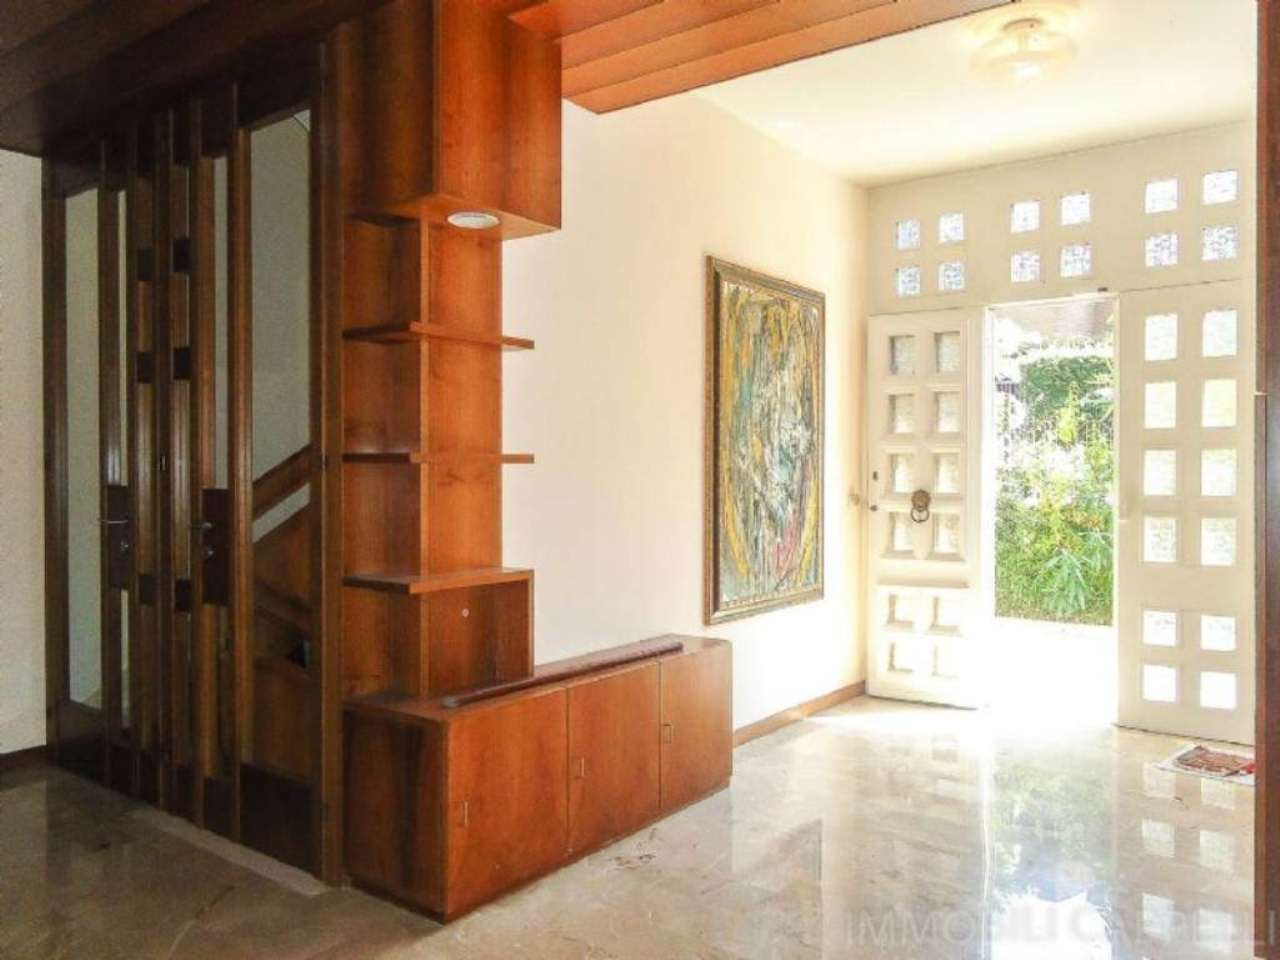 Villa in vendita a Cesena, 11 locali, Trattative riservate | CambioCasa.it